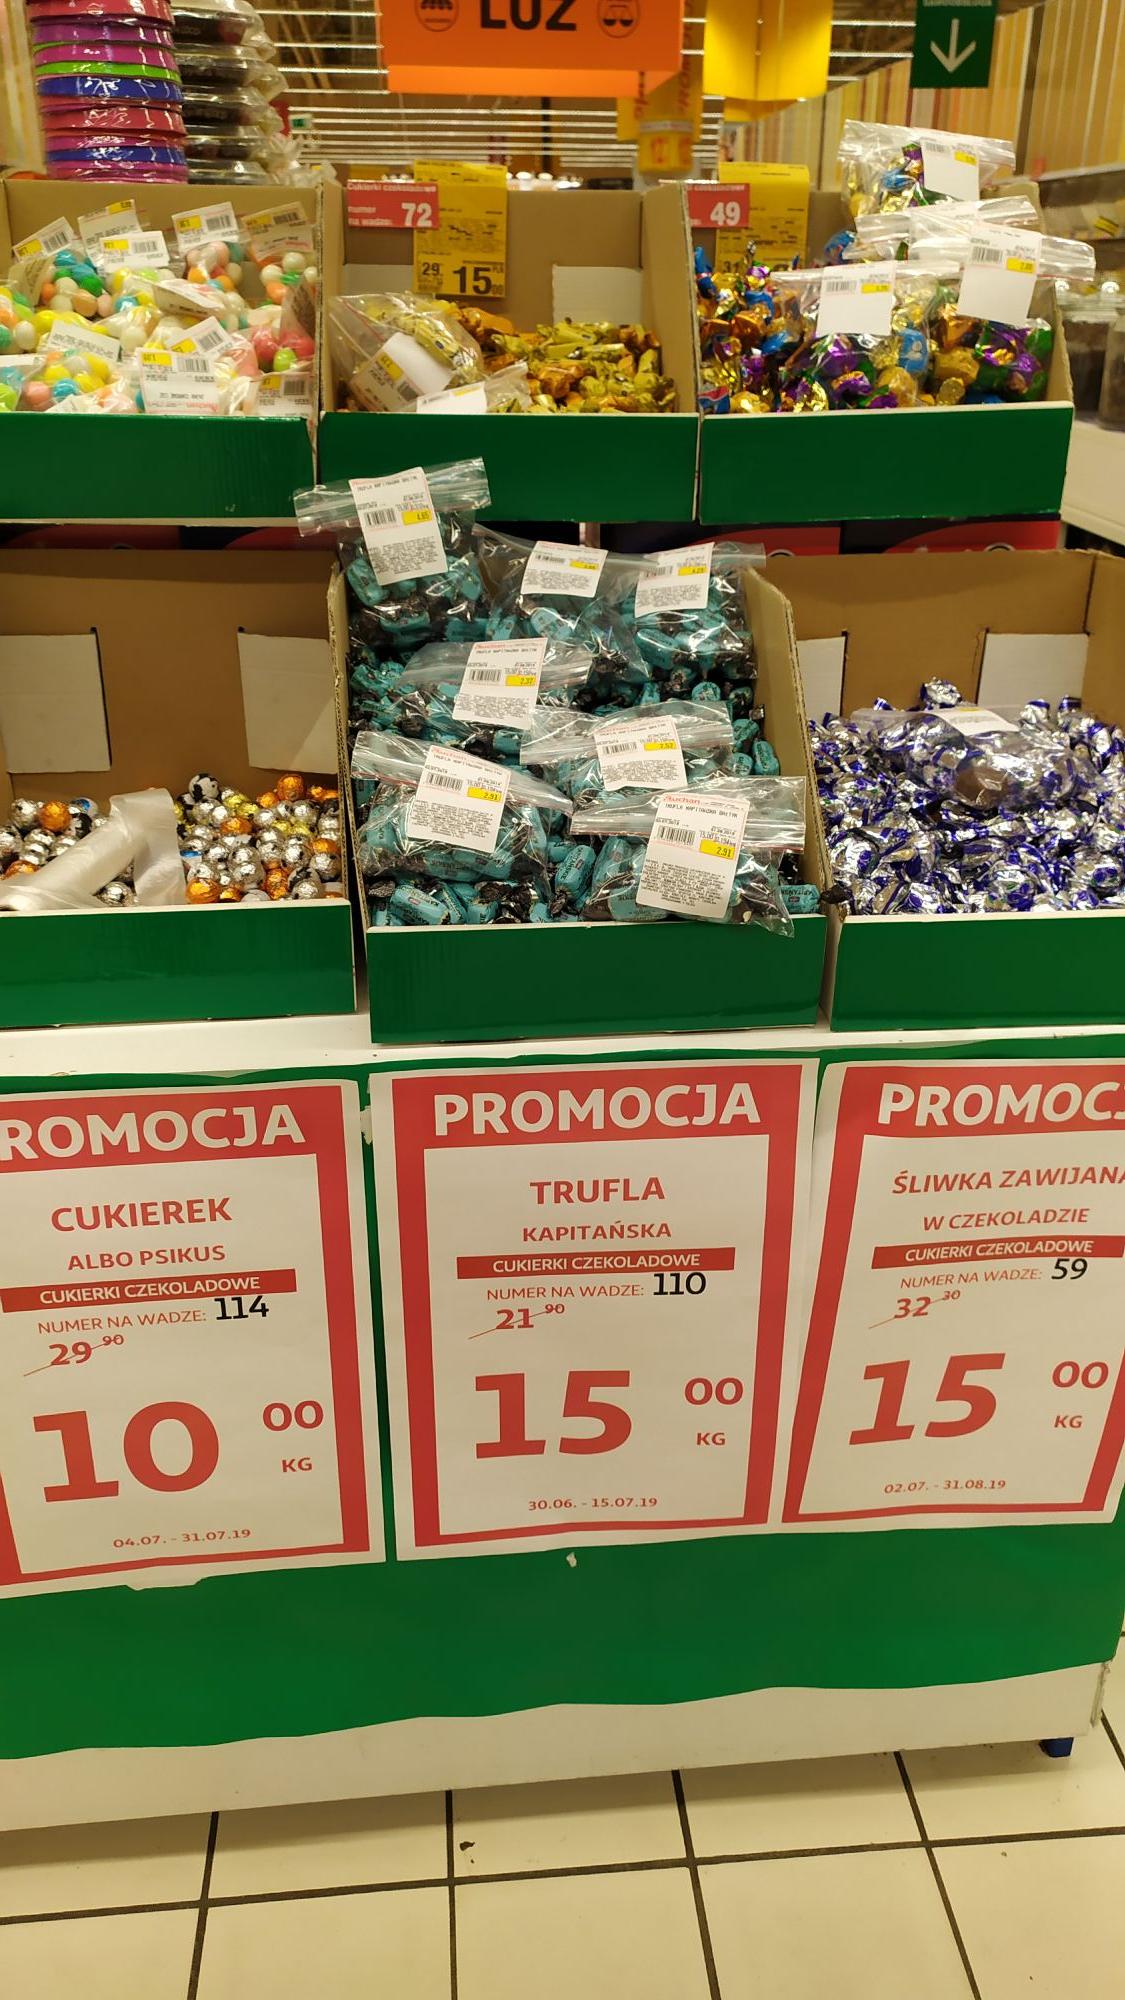 Śliwka zawijana w czekoladzie I inne na wagę Auchan Sosnowiec Zuzanny